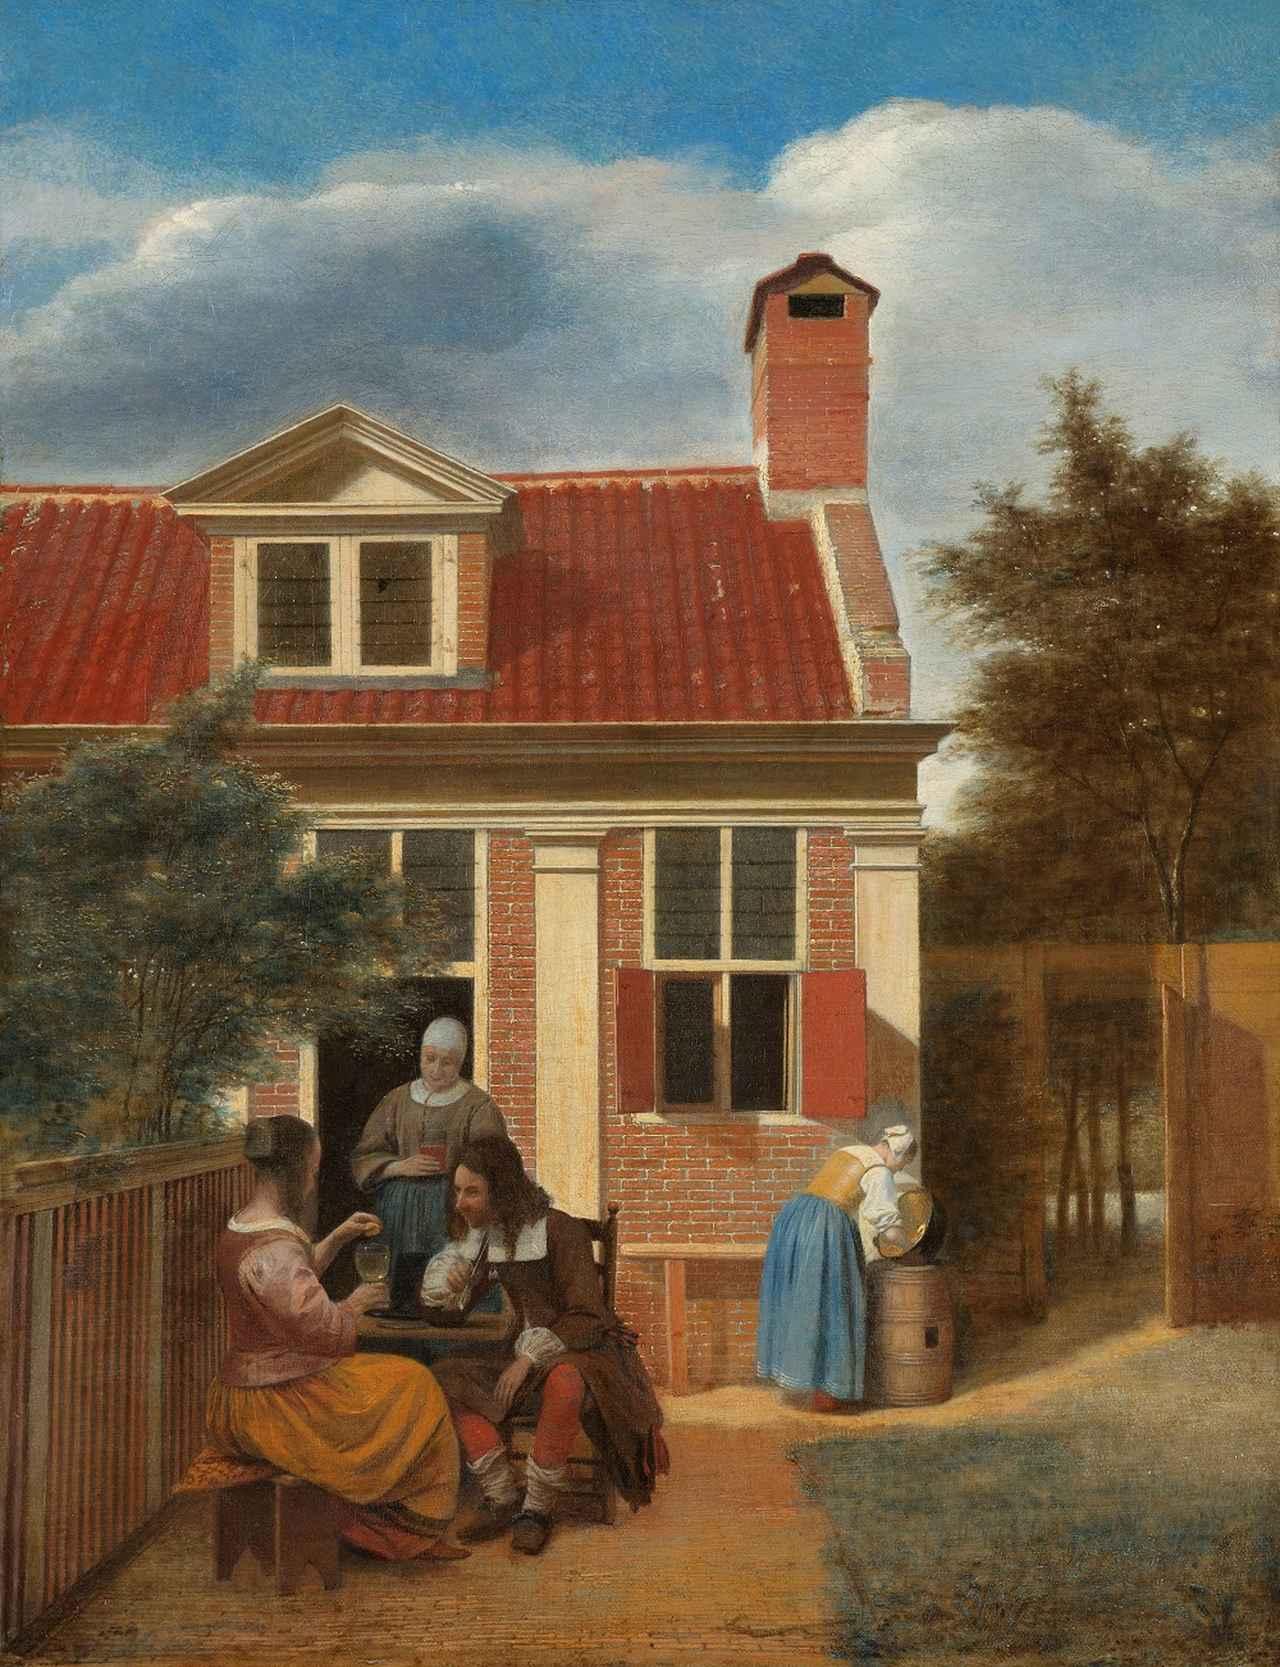 画像: ピーテル・デ・ホーホ《人の居る裏庭》1663-1665年頃 アムステルダム国立美術館 Rijksmuseum. On loan from the City of Amsterdam (A. van der Hoop Bequest)